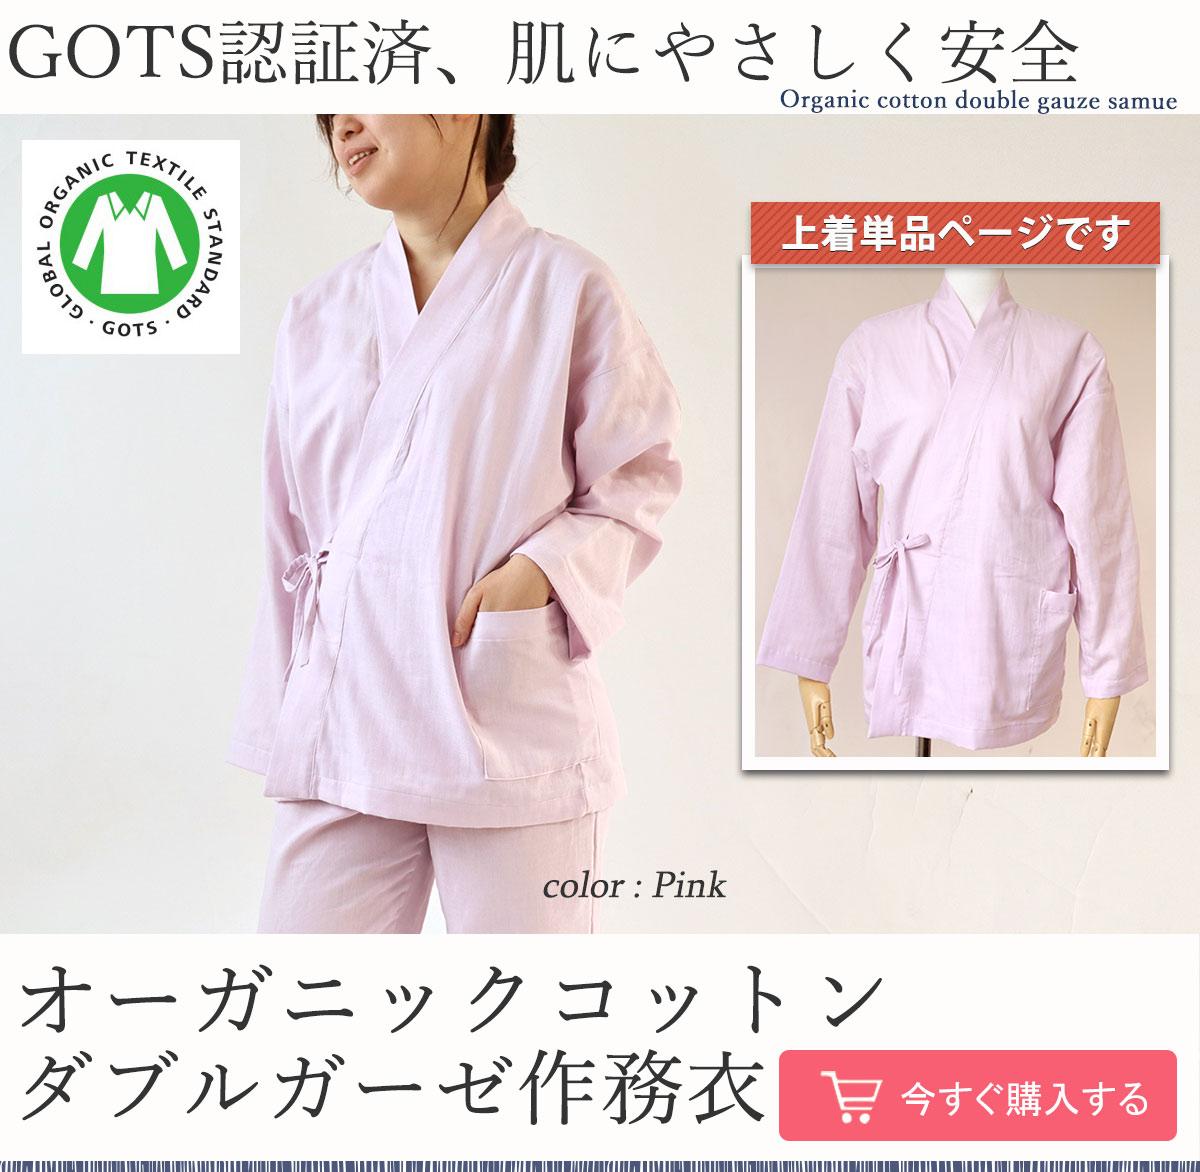 GOTS認証済、肌にやさしく安全、オーガニックコットンダブルガーゼ作務衣